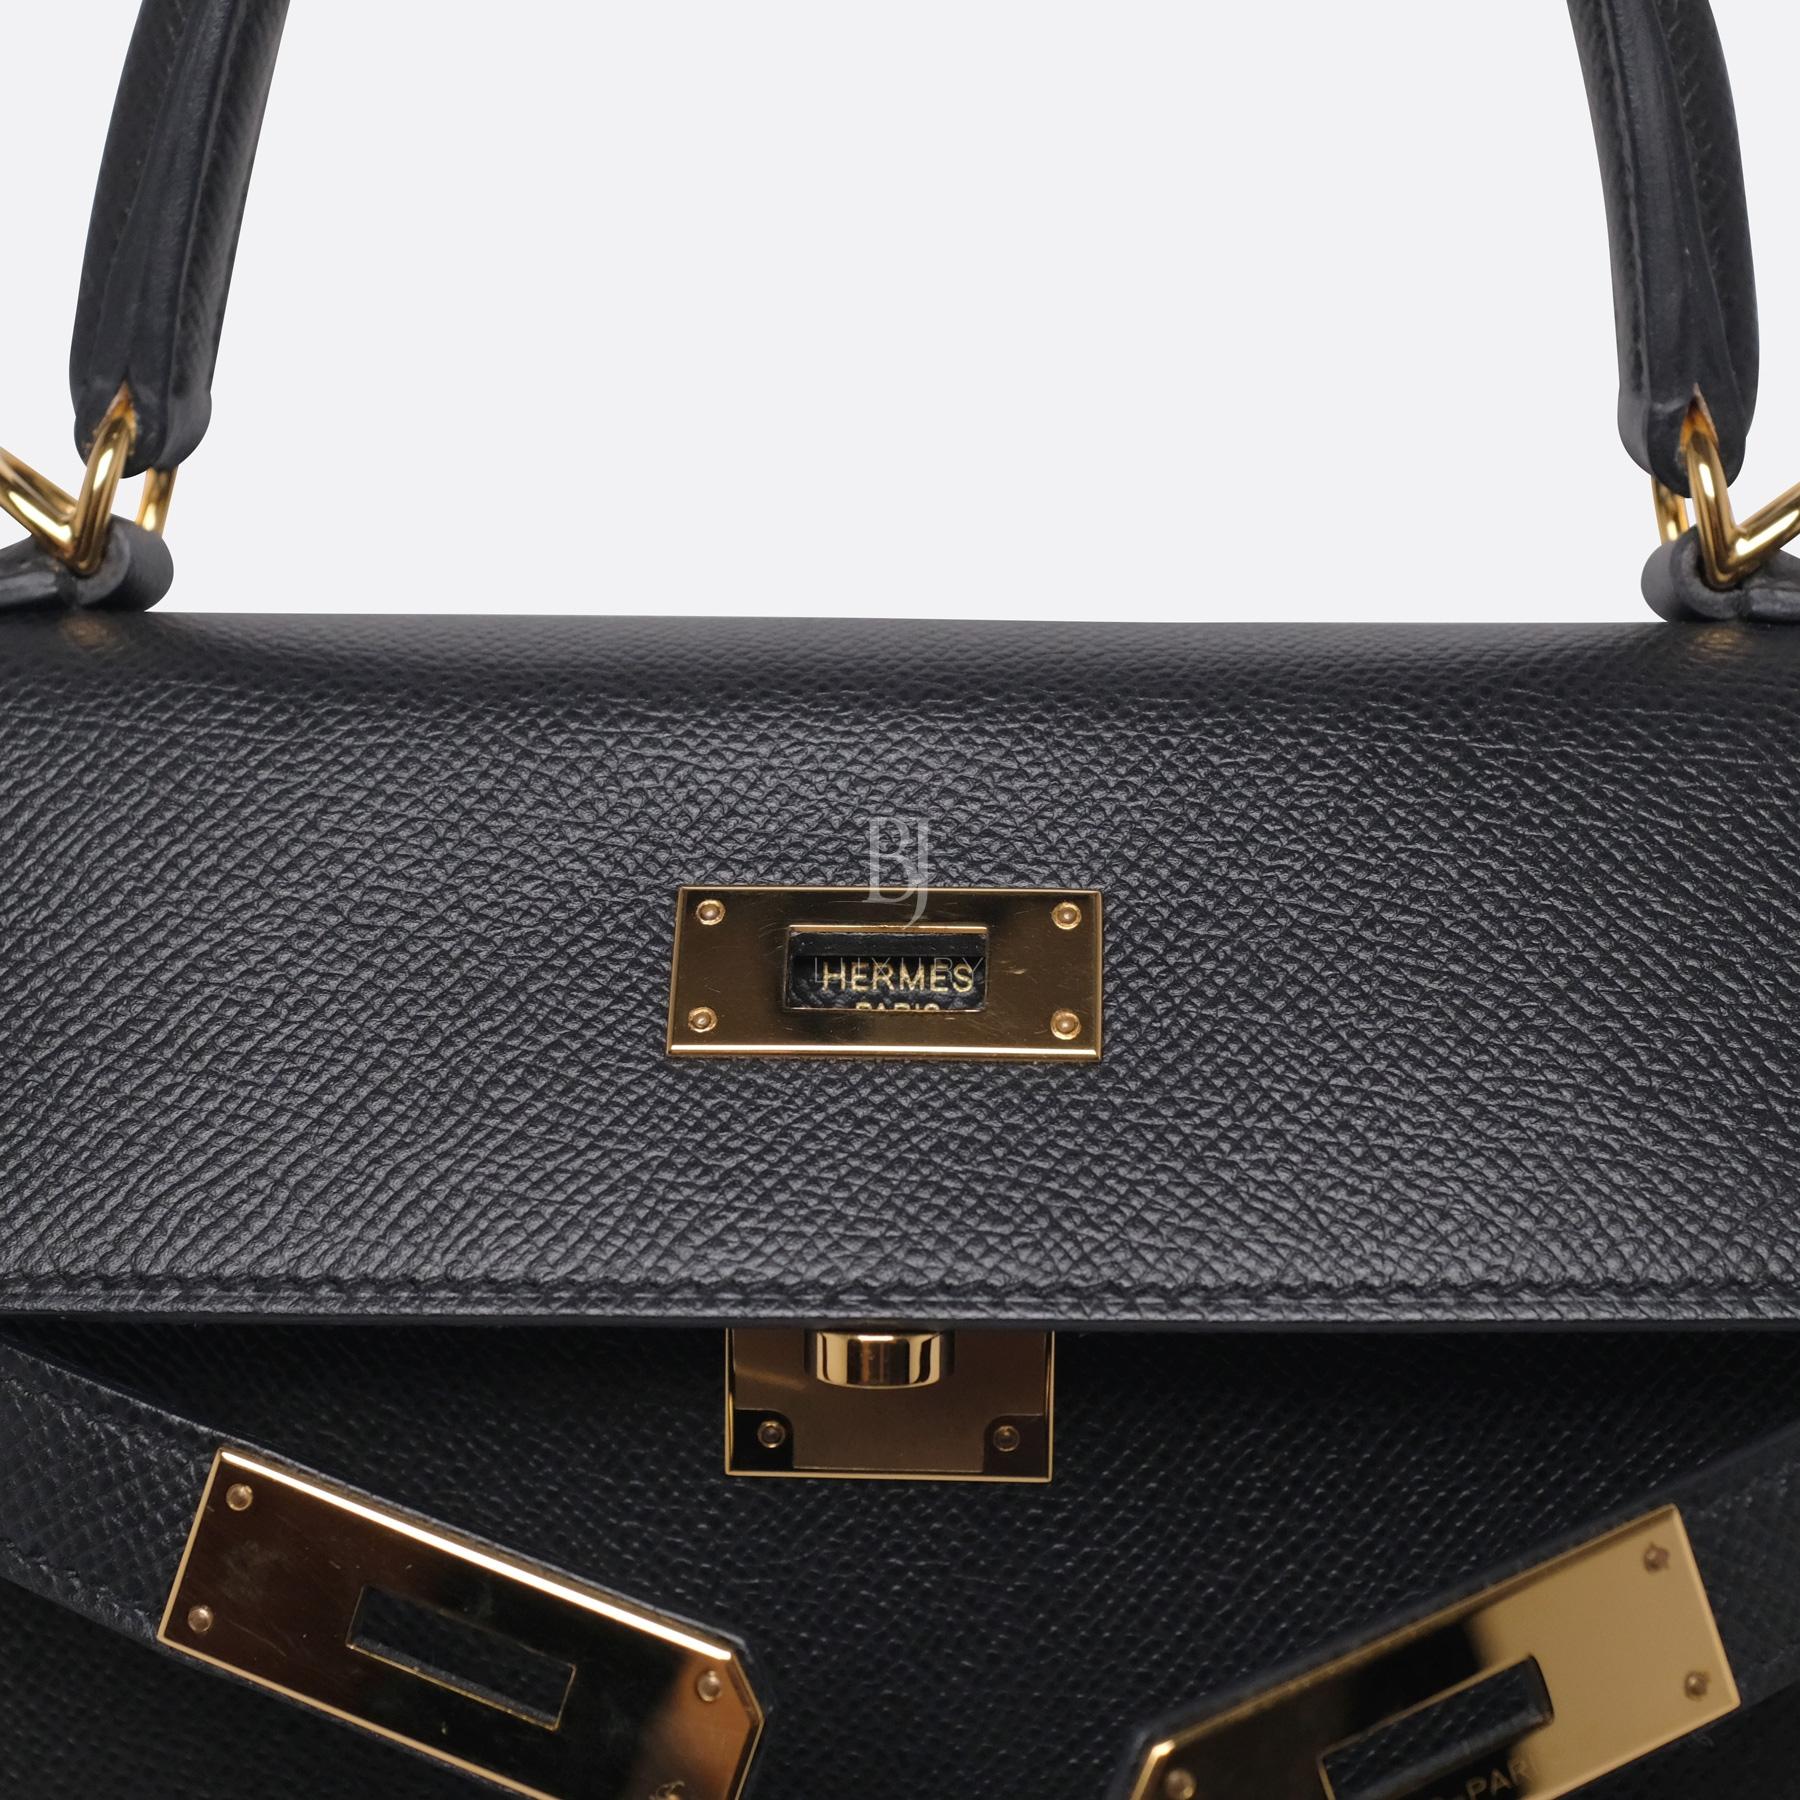 Hermes Kelly Sellier 28 Black Epsom Gold BJ Luxury 1.jpg